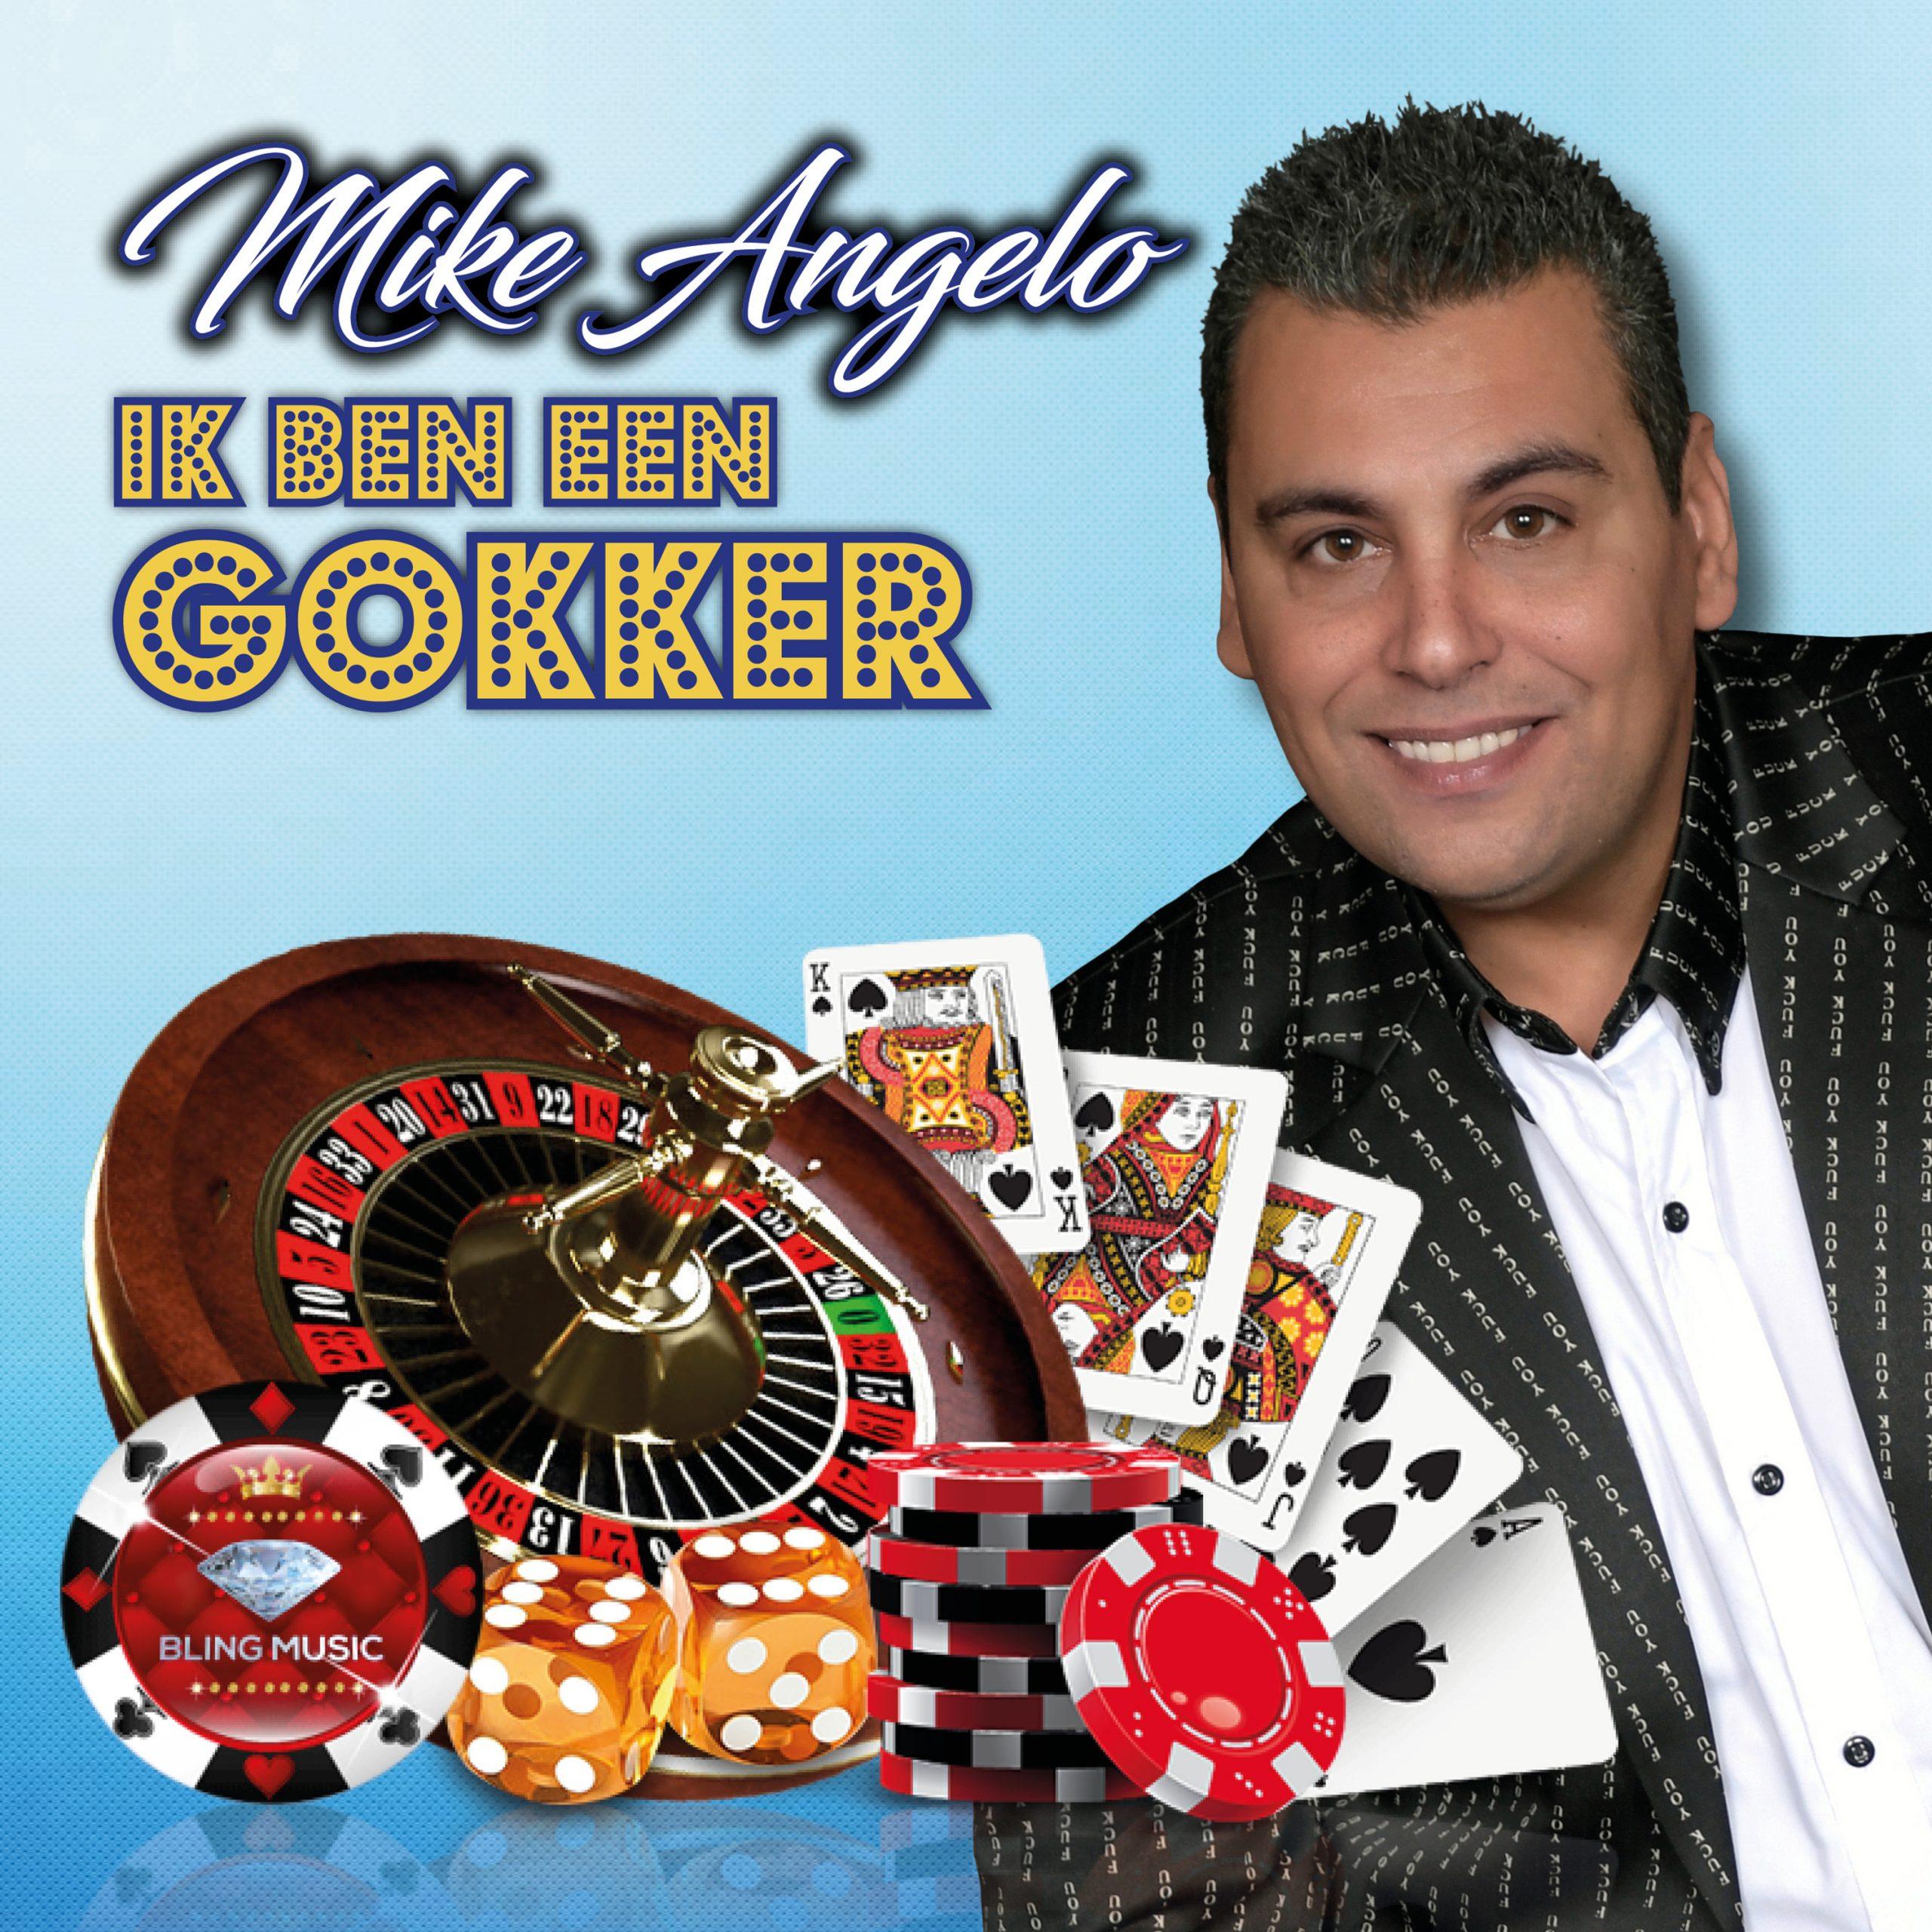 Mike Angelo - ik ben een gokker